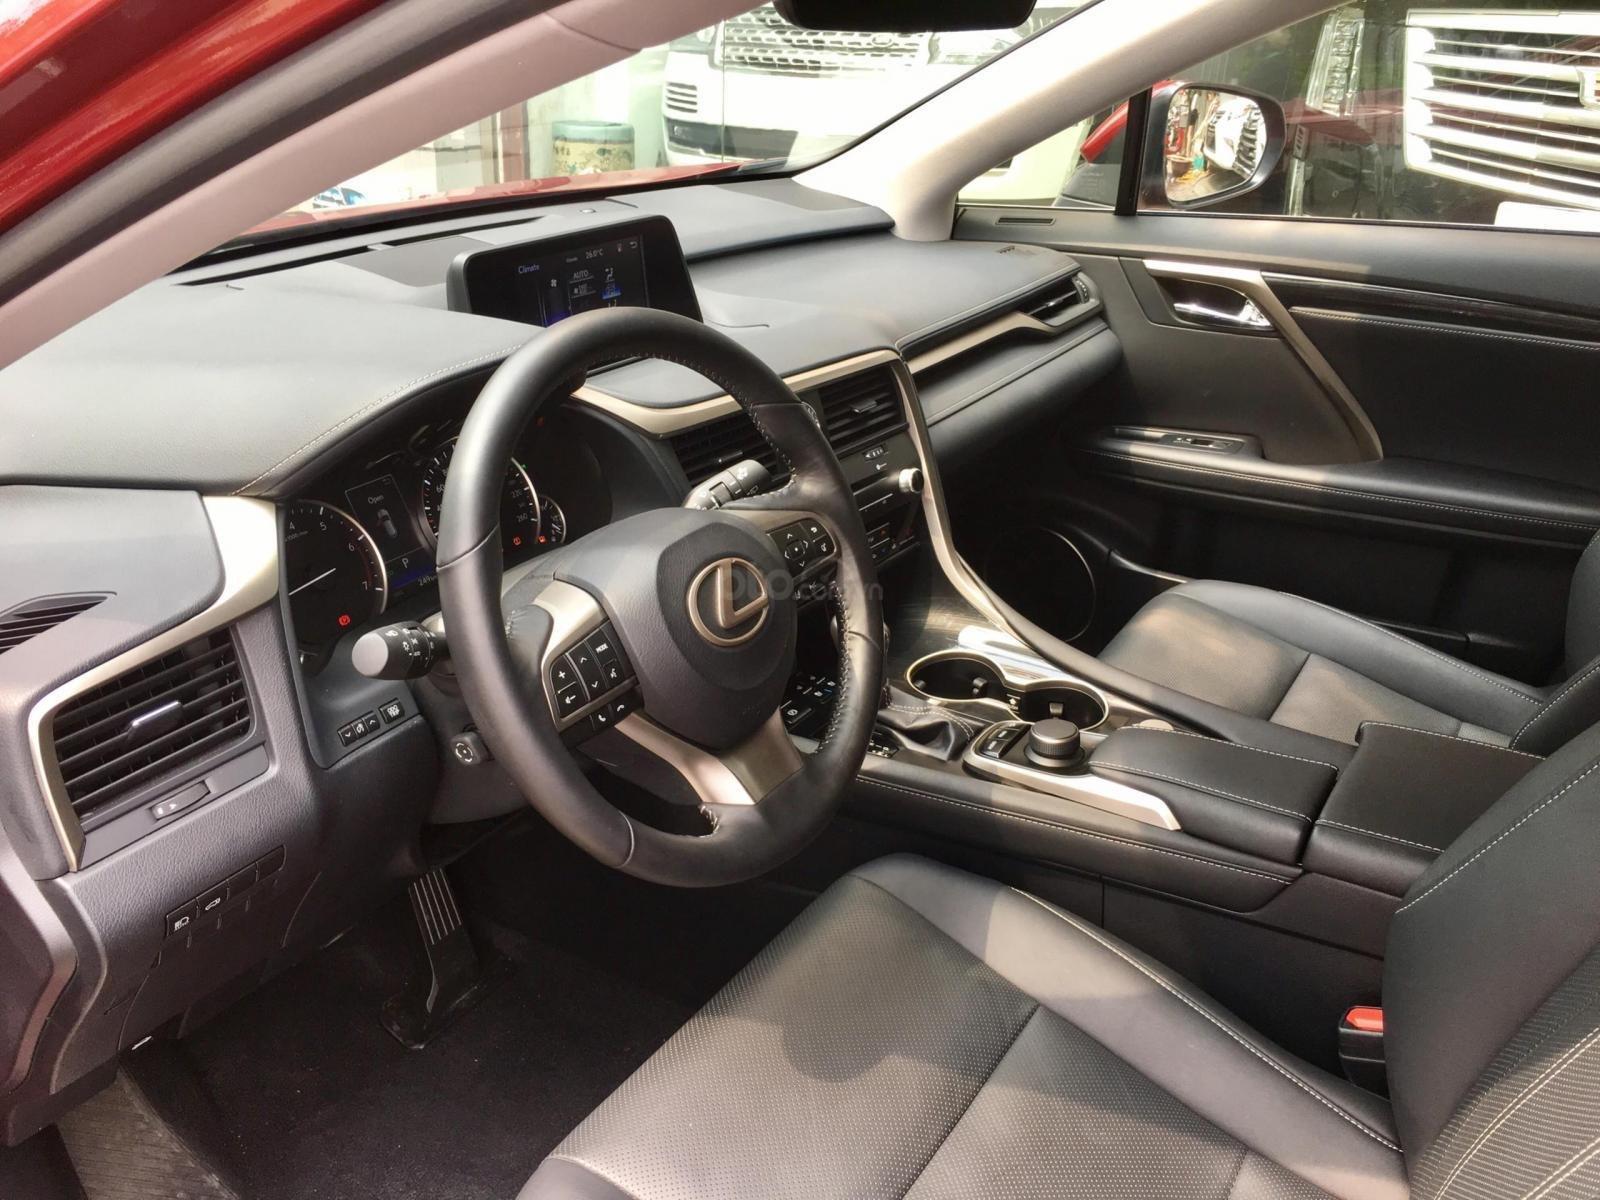 MT Auto bán xe Lexus RX 200t sx 2016, màu đỏ mới 100% giá cực rẻ, hỗ trợ 2 tỷ, LH em Hương 0945392468-20